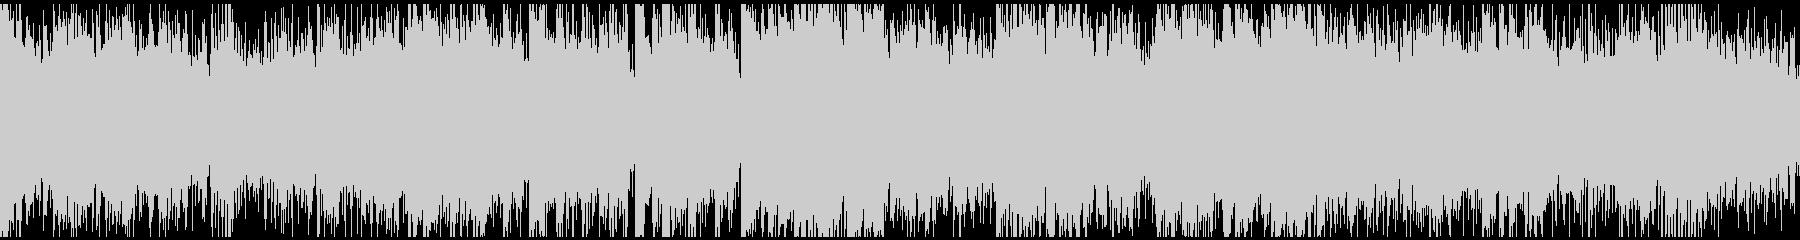 STG系ドラムンベース+ディレイサックスの未再生の波形